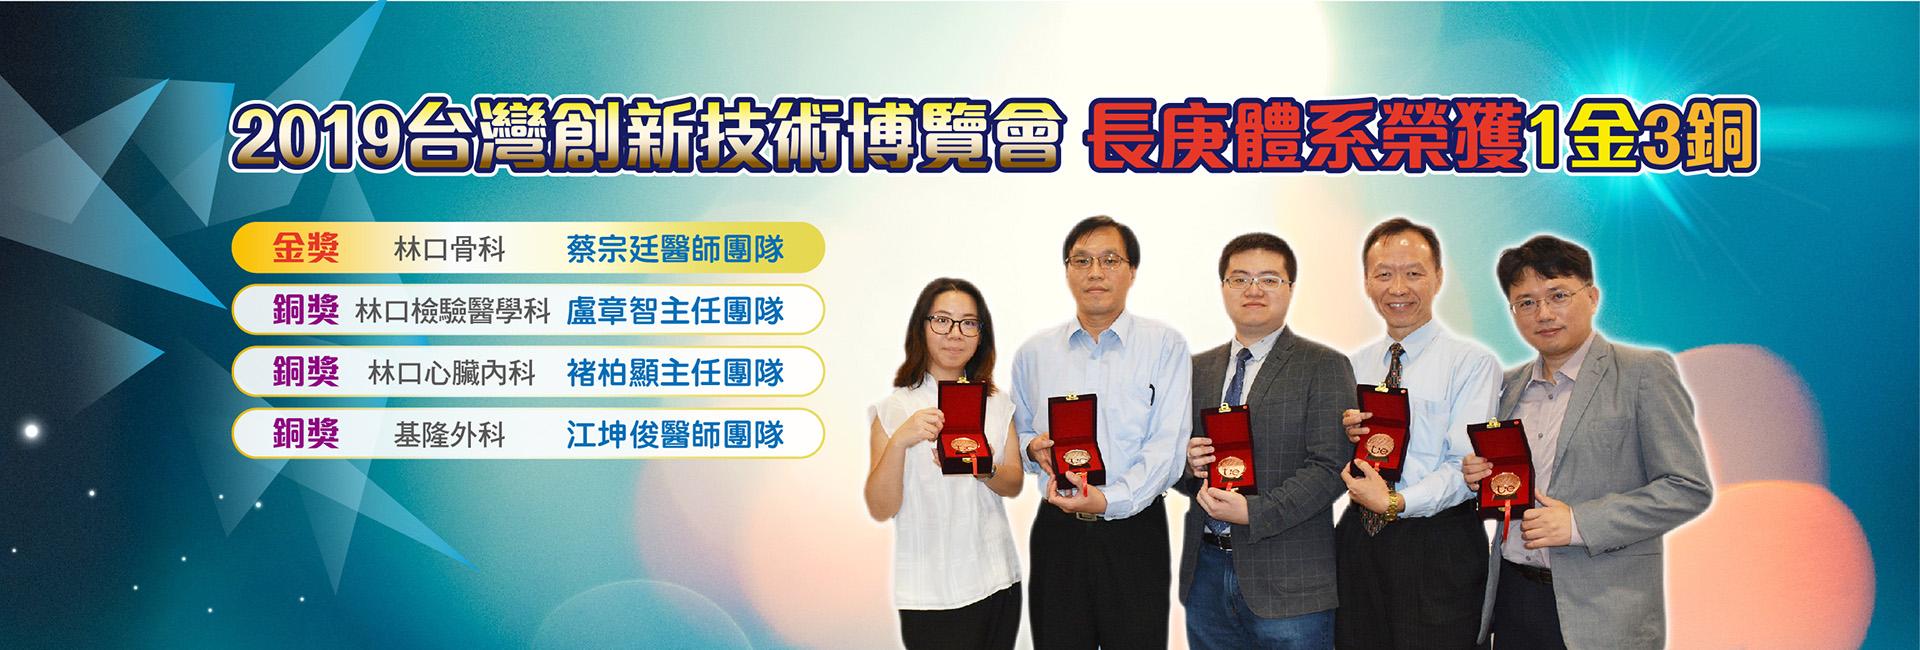 創新技術博覽會